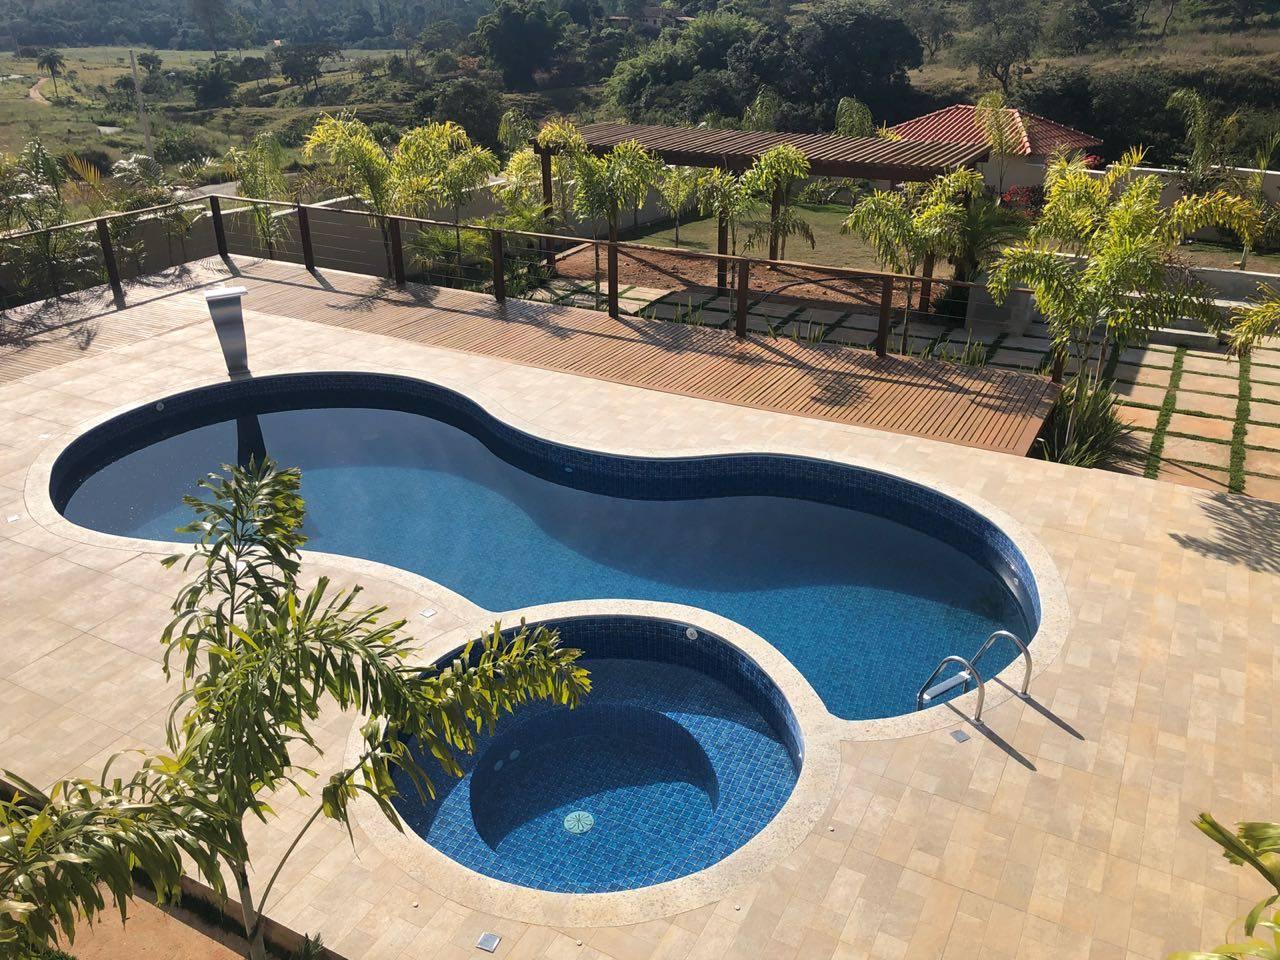 Piscina Eliane - Construção de piscina de Vinil